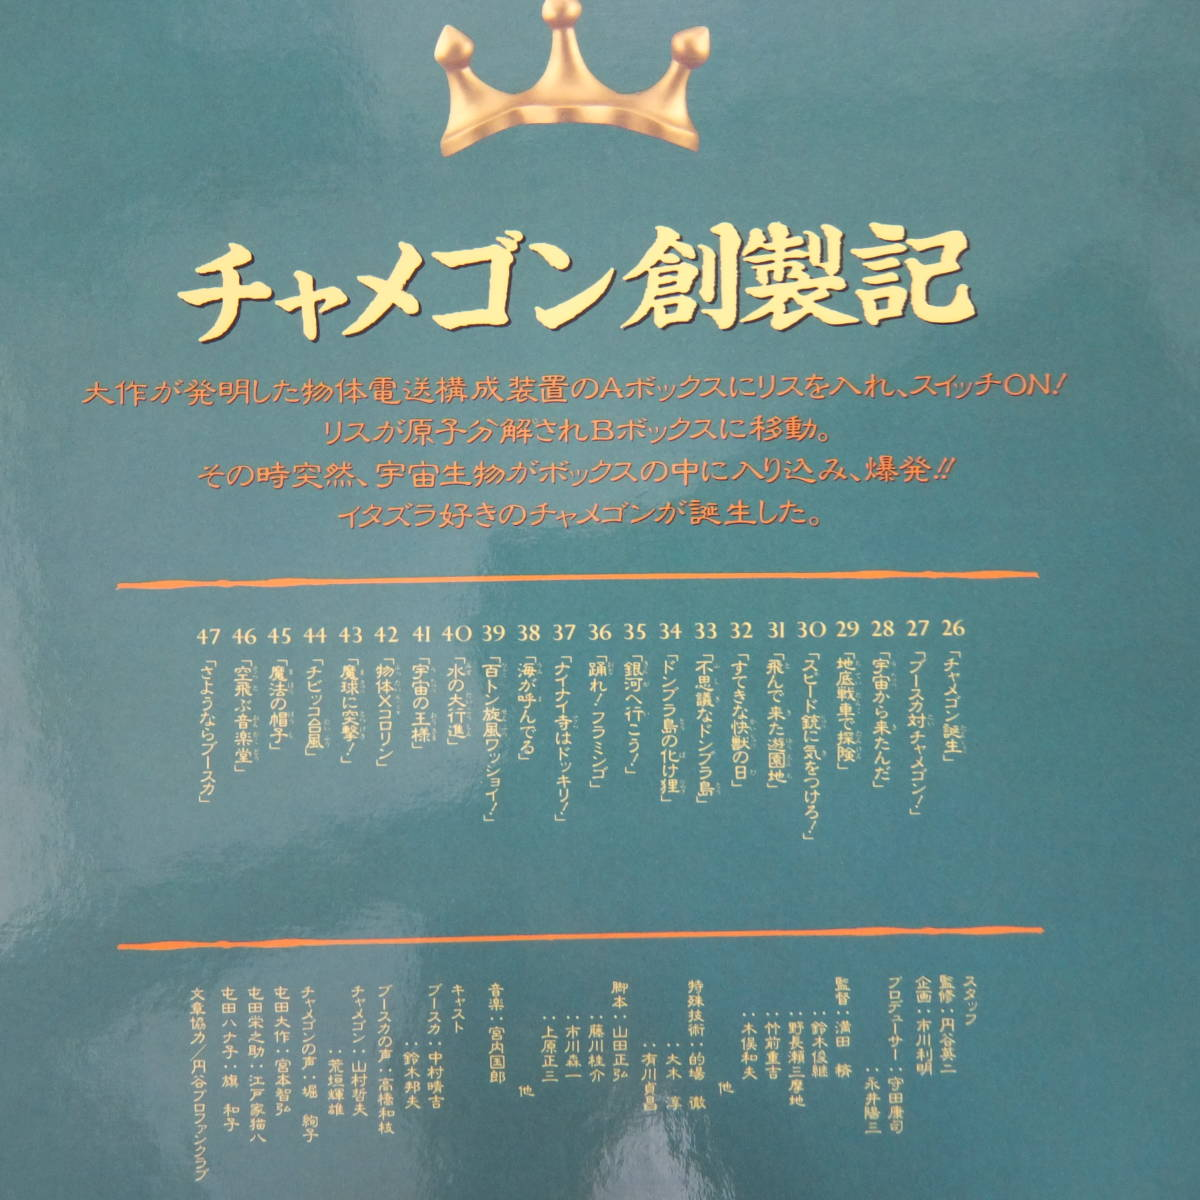 【 LD / レーザーディスク 】 快獣ブースカ  LD-BOX  「チャメゴン誕生の巻」 円谷プロ30周年記念_画像10